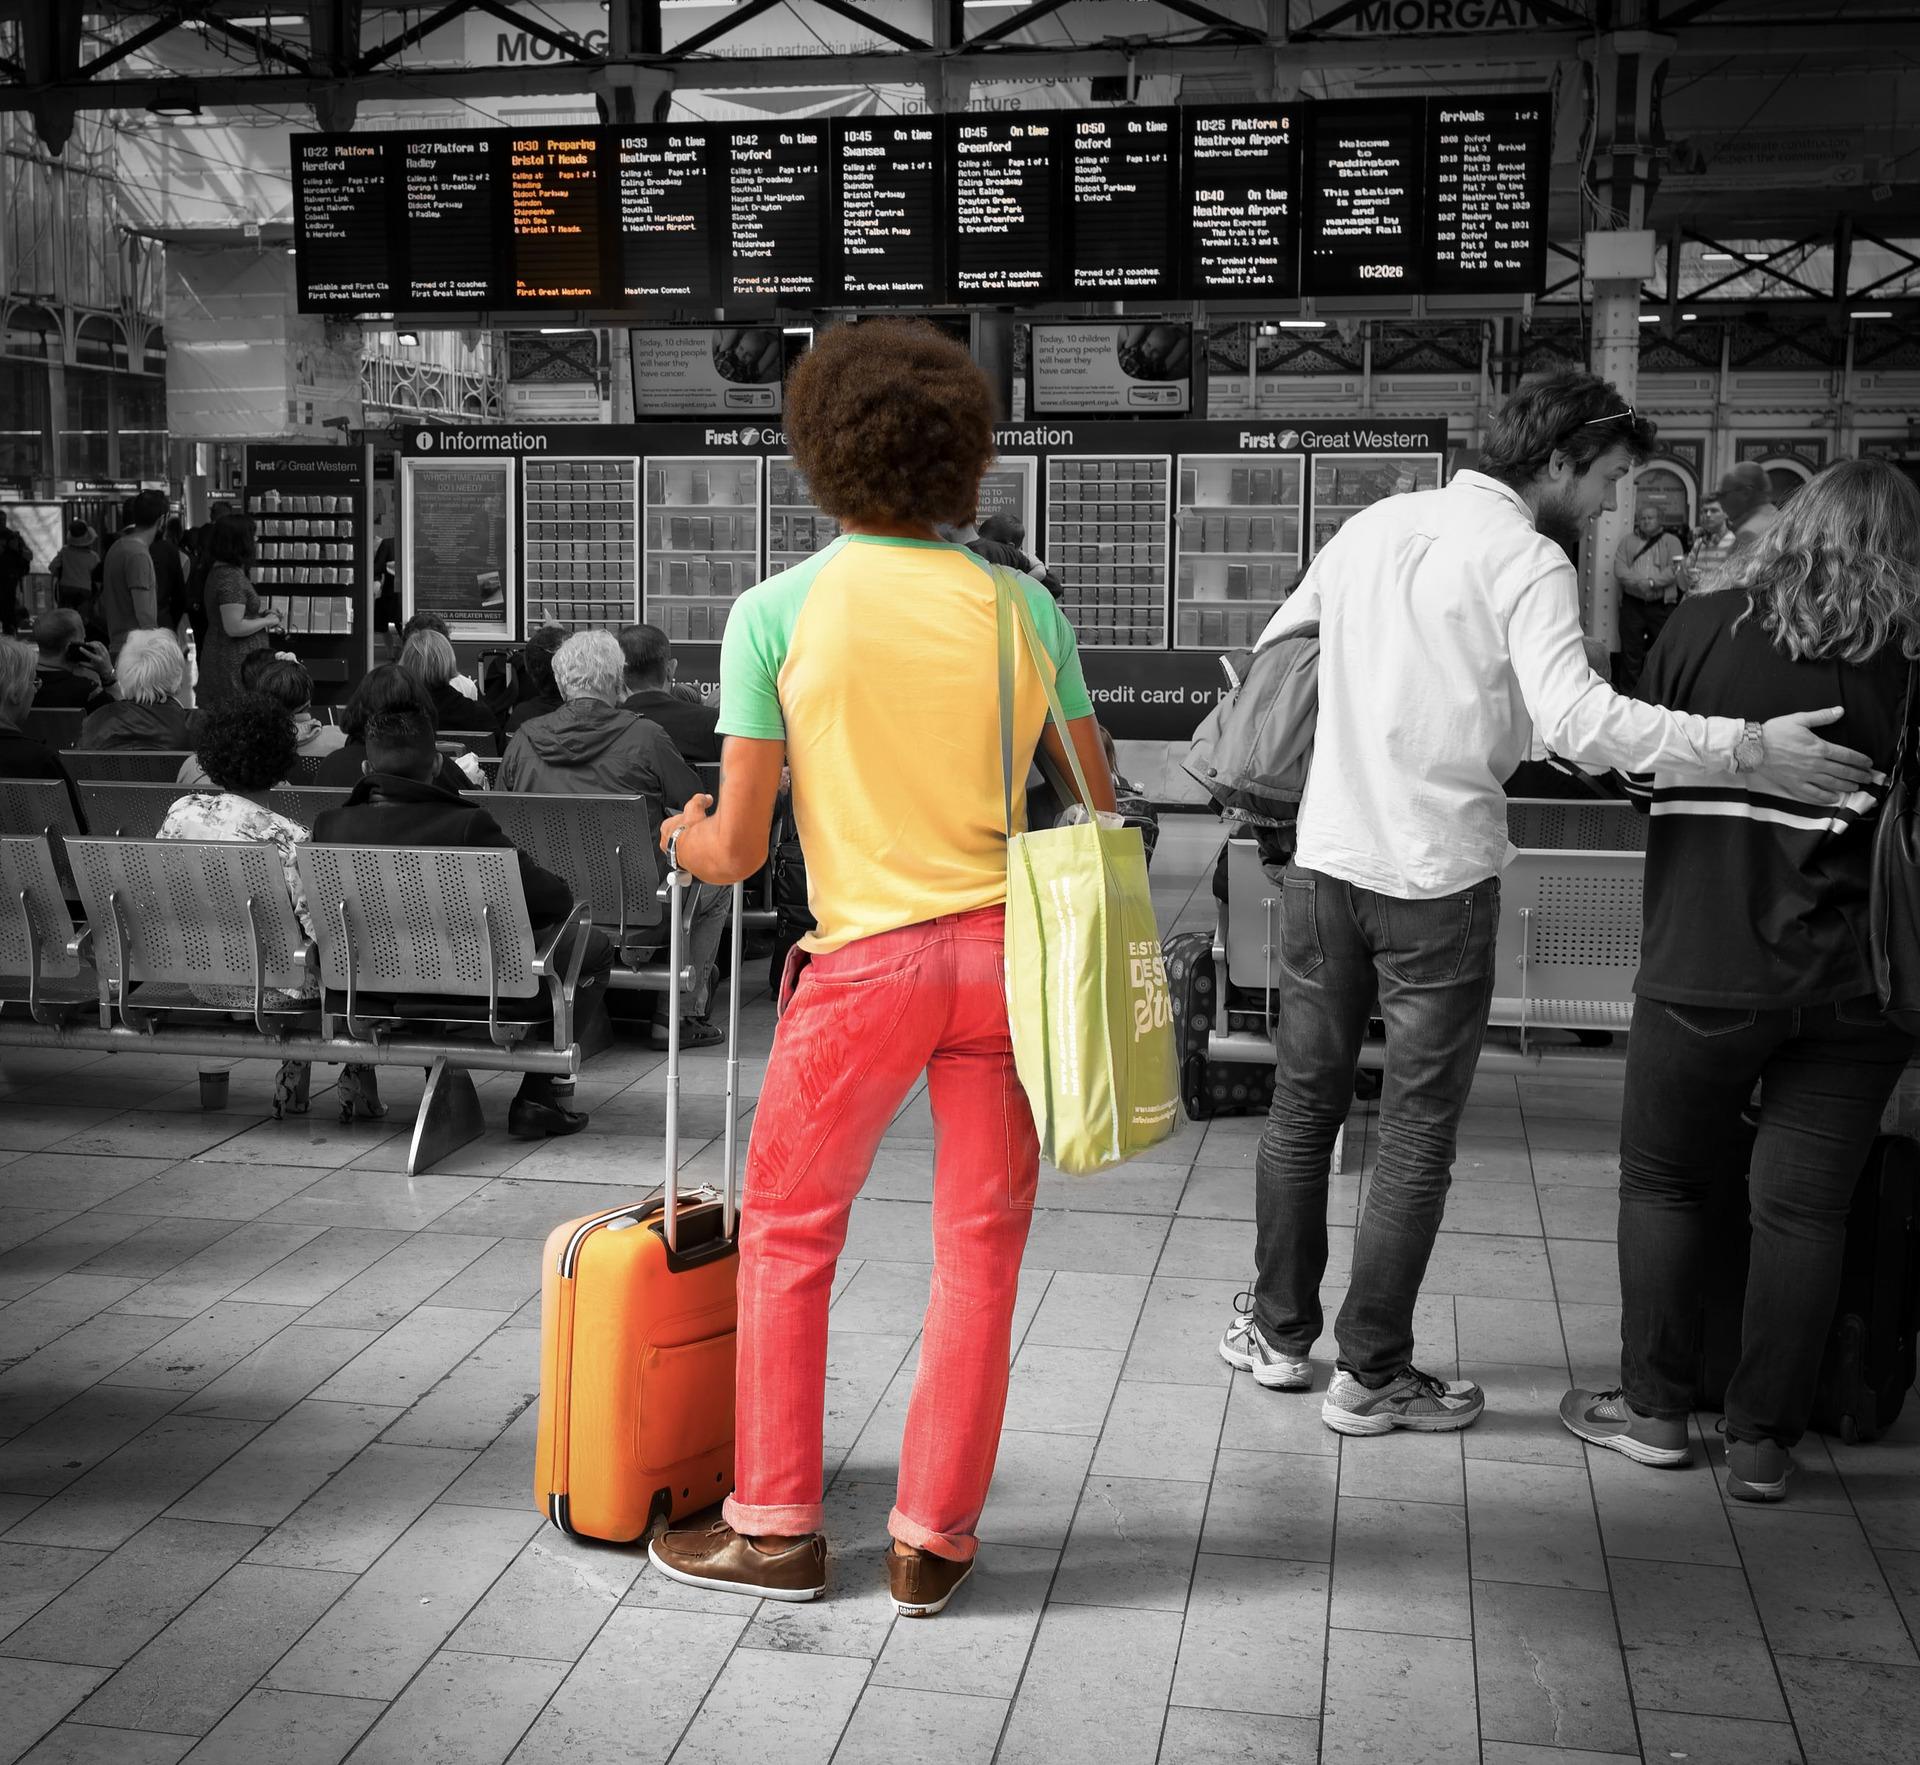 Mis je de trein nu met 5 minuten of 1 uur, je hebt de trein gemist - aldus Gert Verhulst tegen James Cook